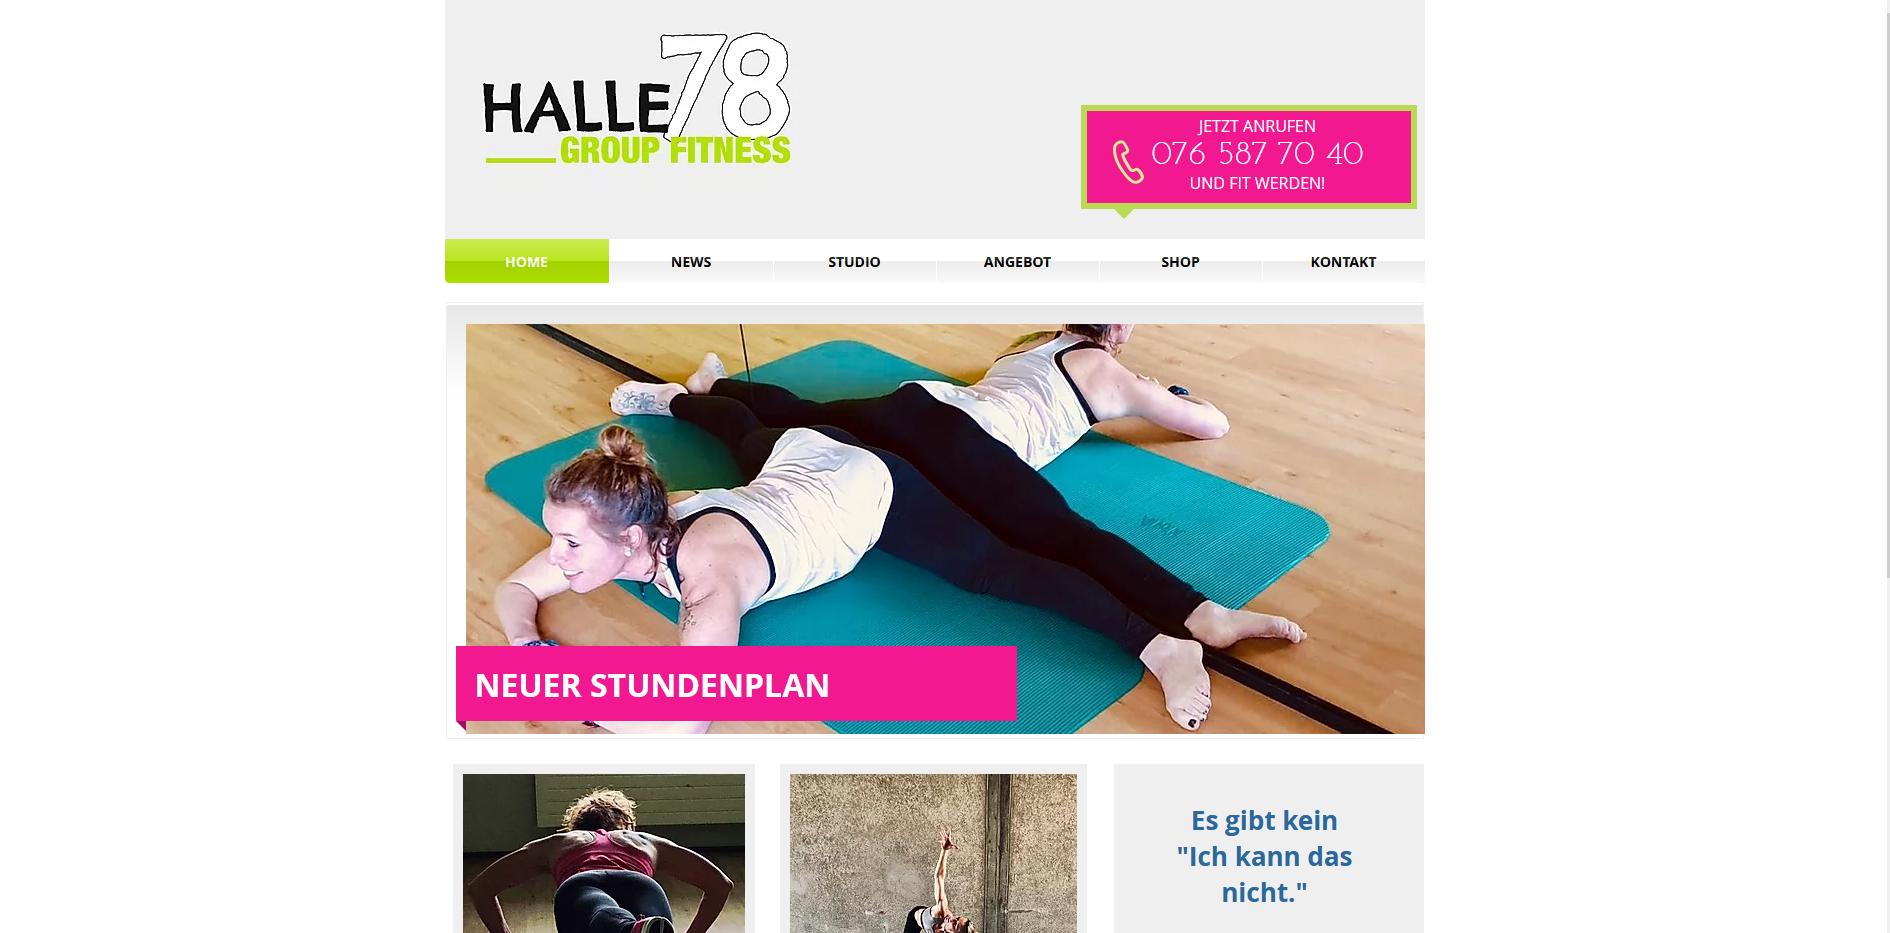 Group Fitness Halle 78, Sarmenstorf